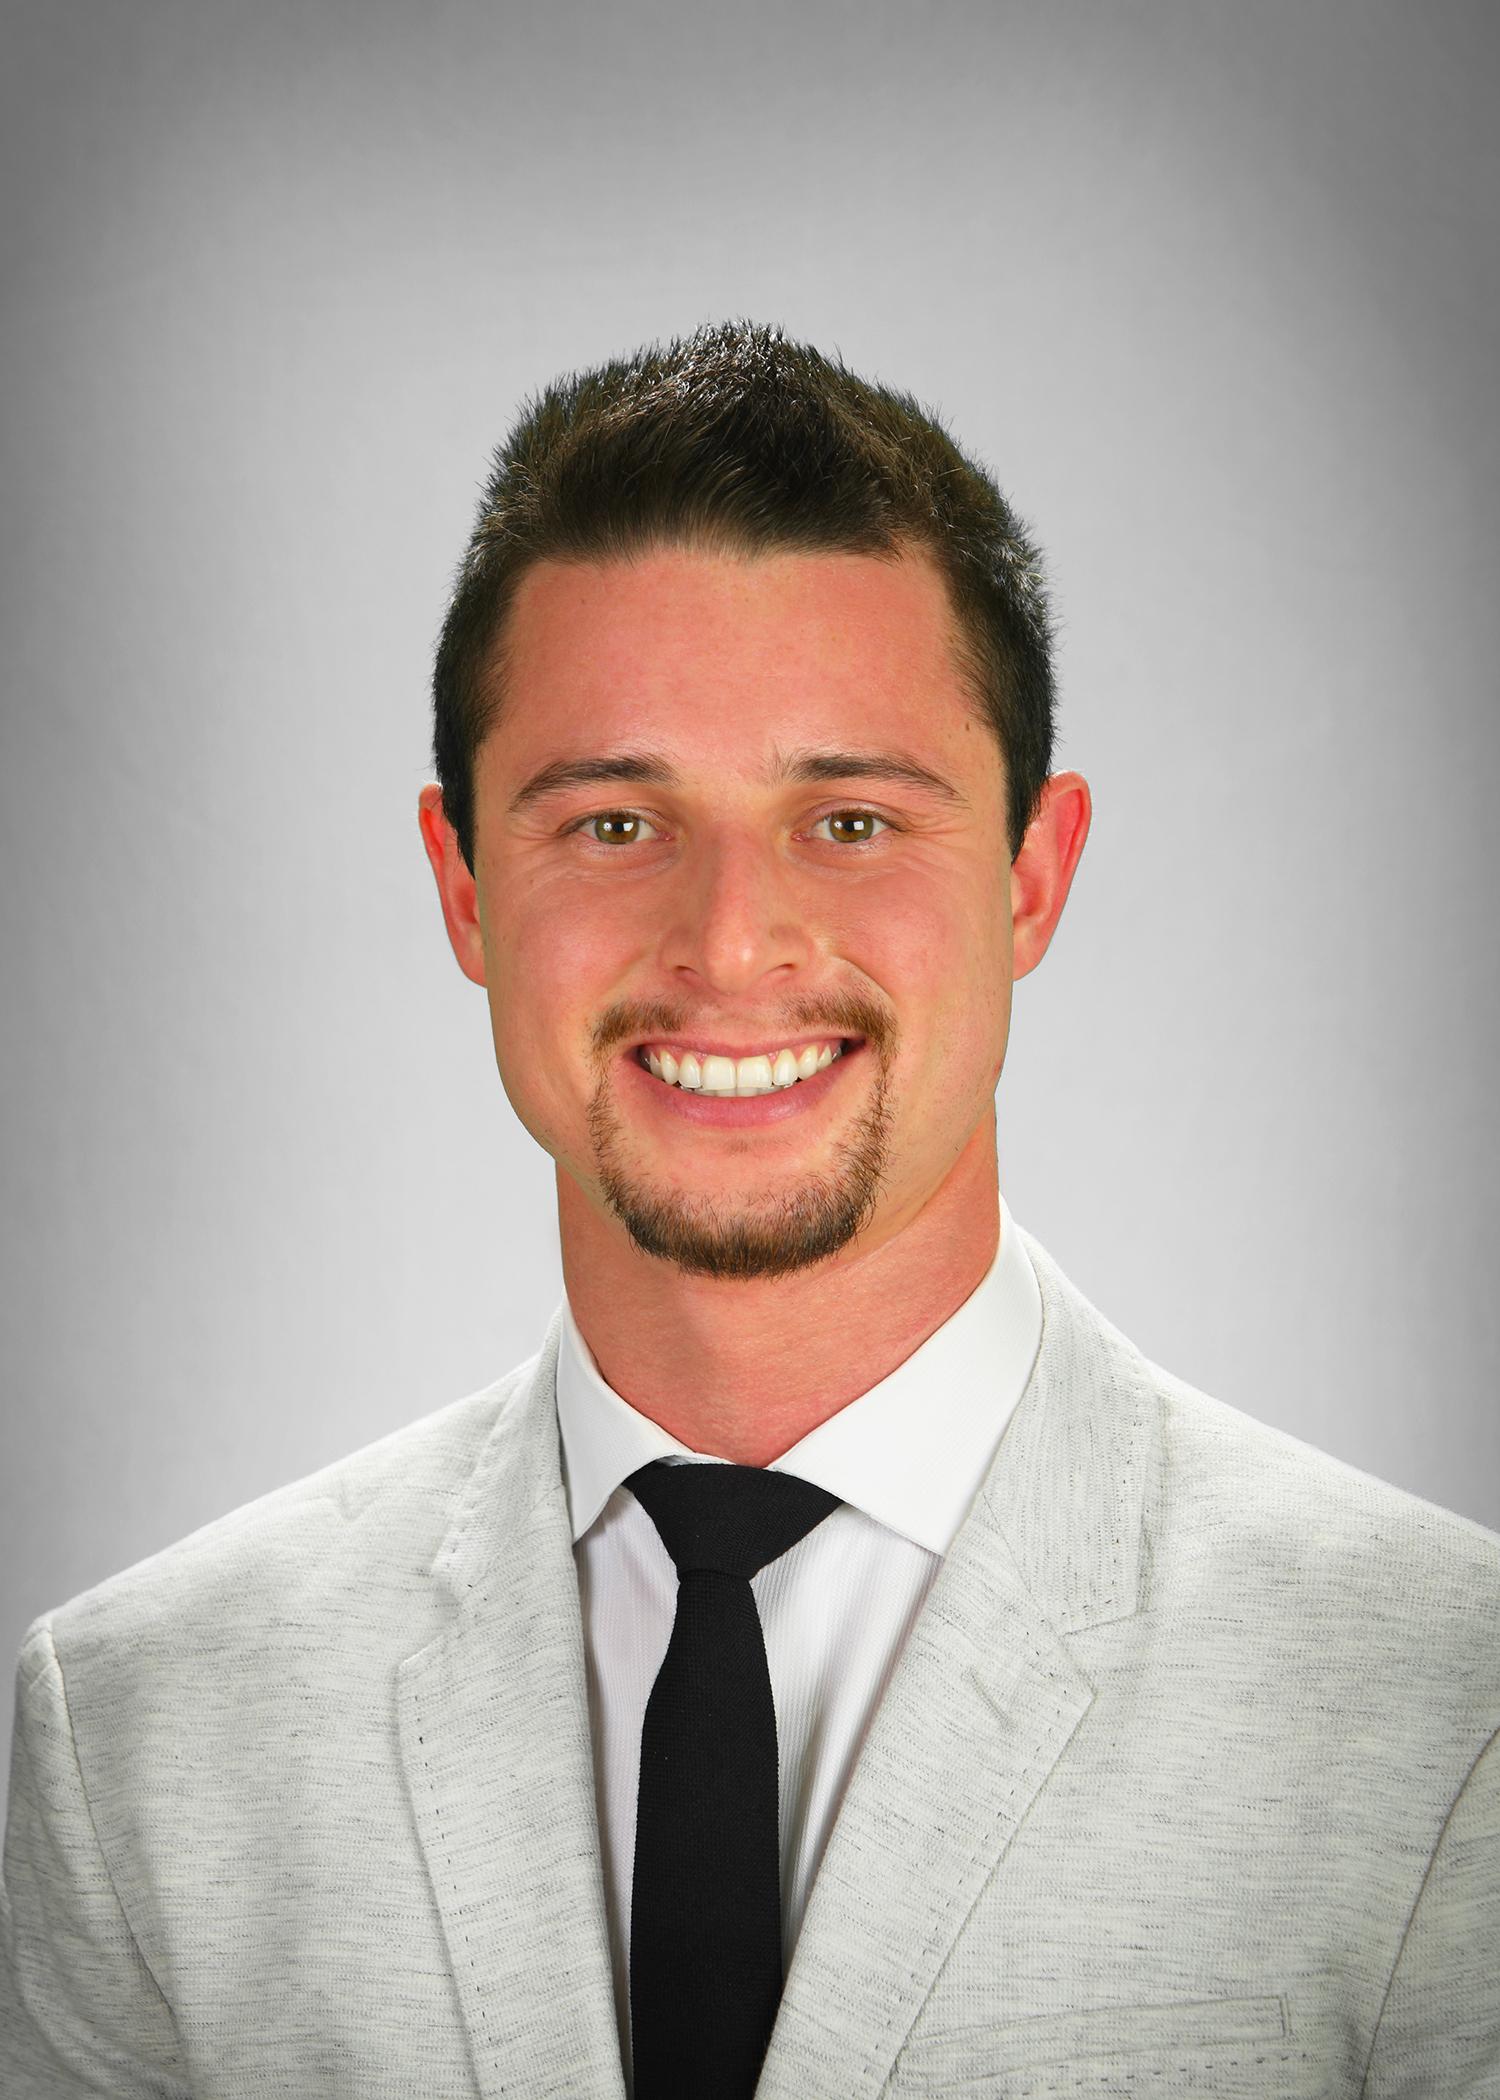 Tyler Sudman